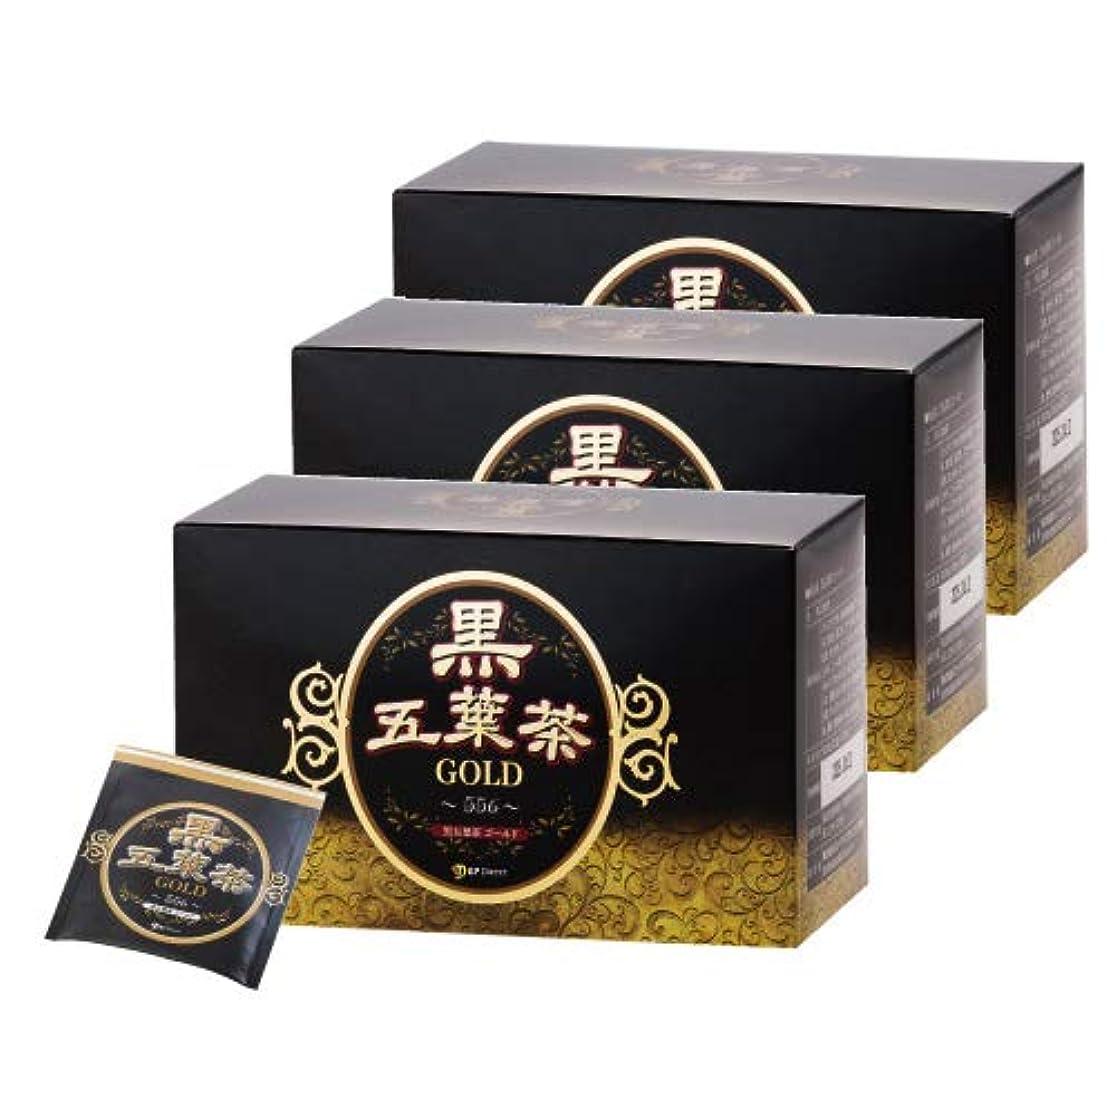 最少倒産誠実さ黒五葉茶ゴールド 30包 3箱セット ダイエット ダイエット茶 ダイエットティー ハーブティー 難消化性デキストリン